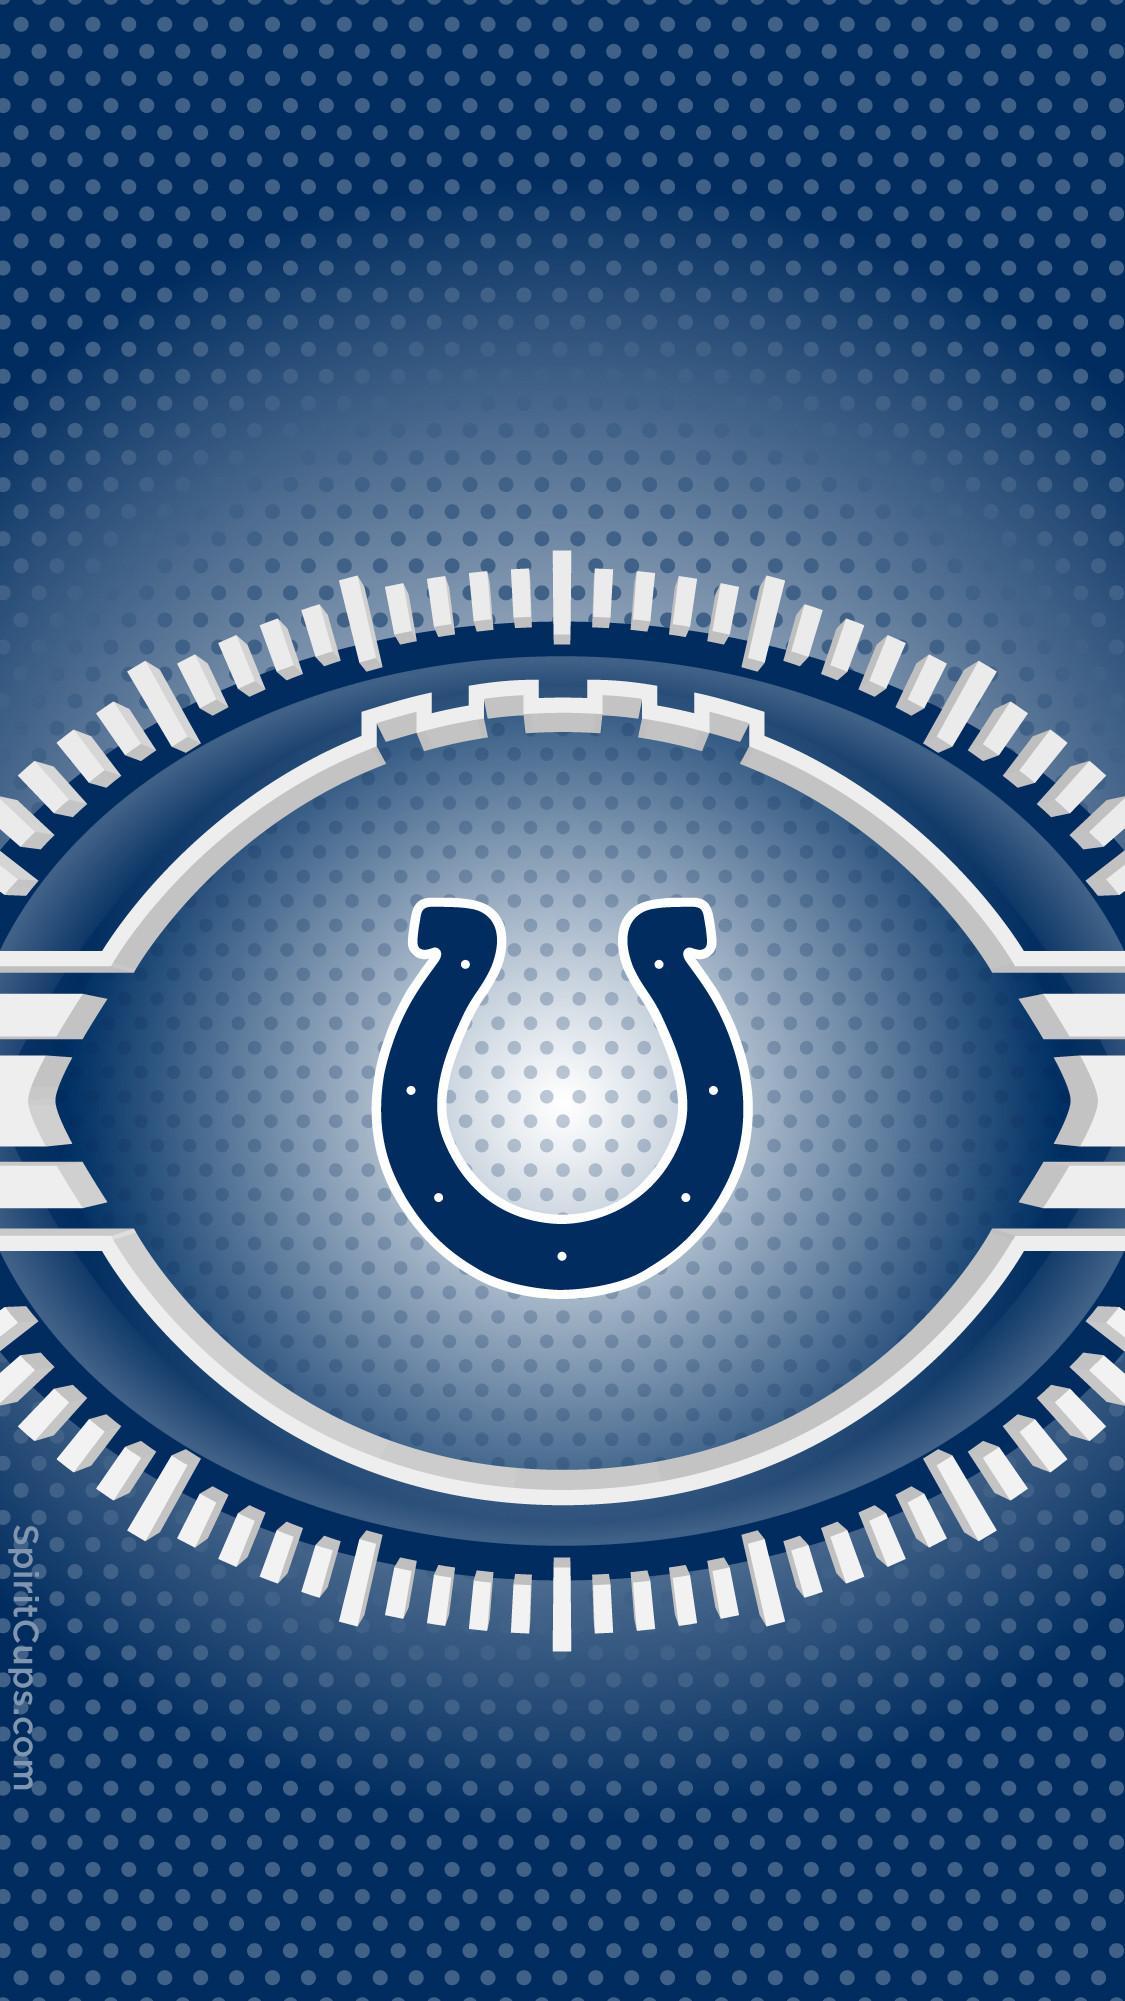 1920x1080 BIC64 Peyton Manning Colts Wallpaper